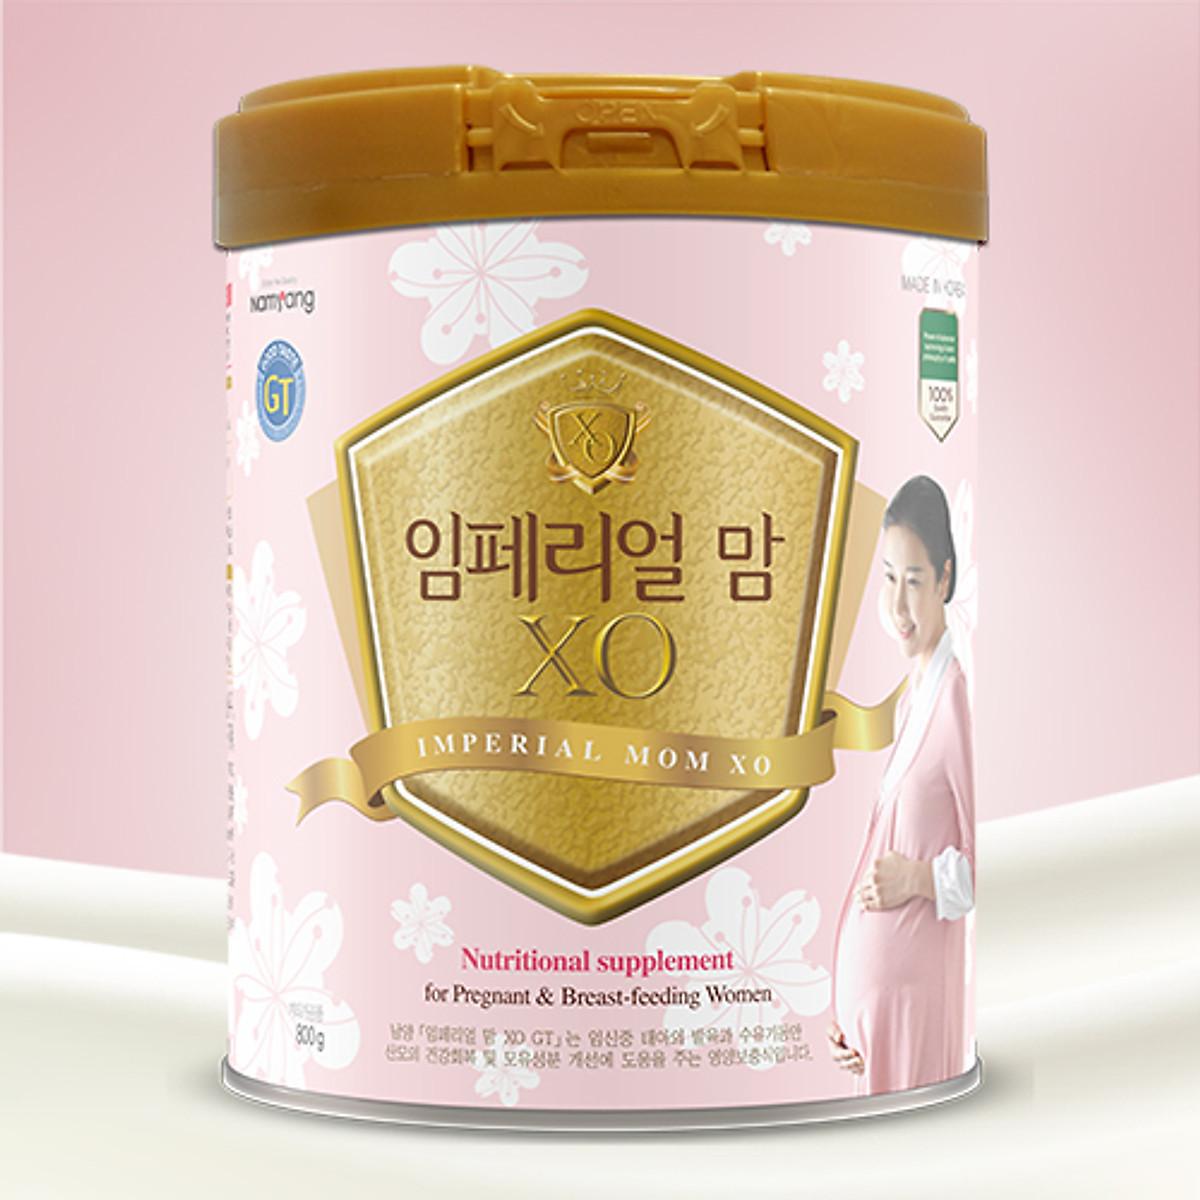 Sữa Bột Namyang Imperial Mom XO GT - 279.000đ